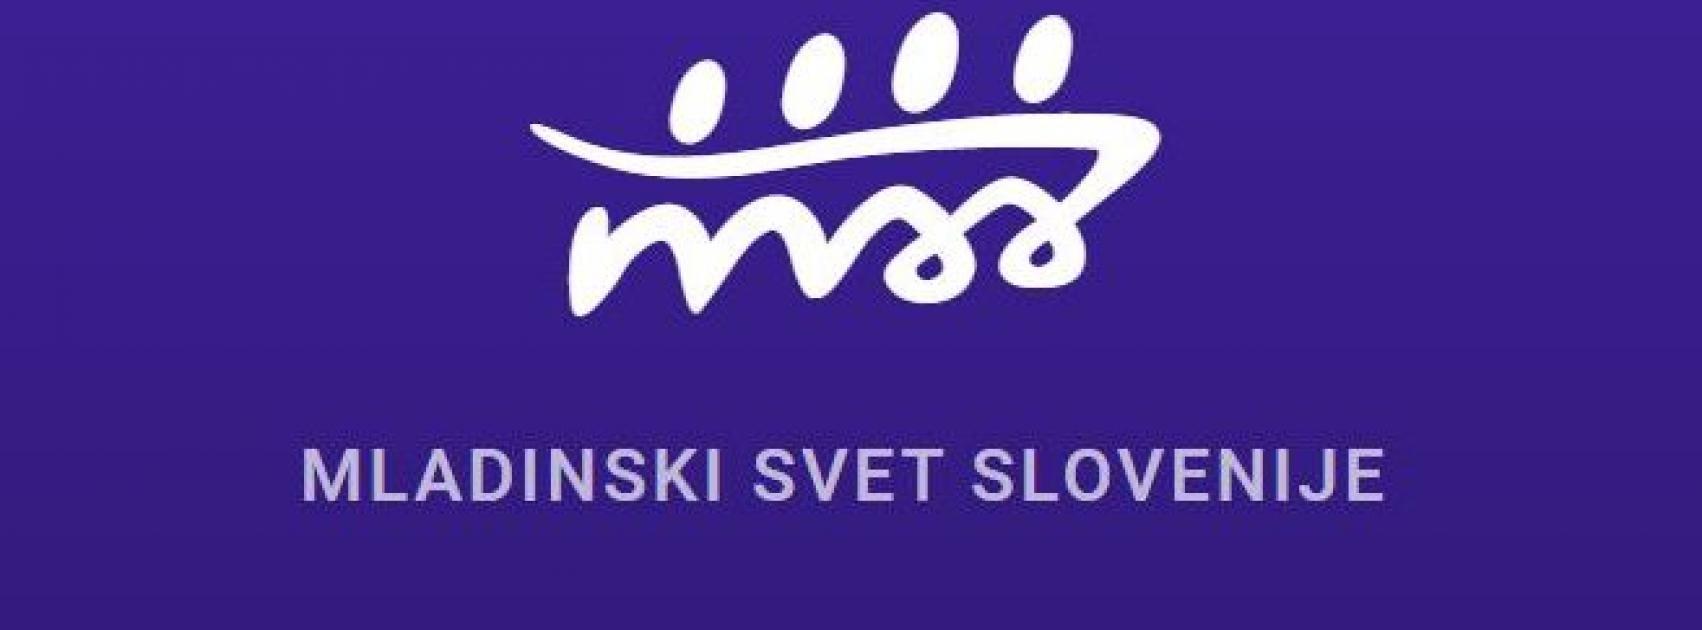 mladinski-svet-slovenije-logo-e1504802762851_0_0.jpg